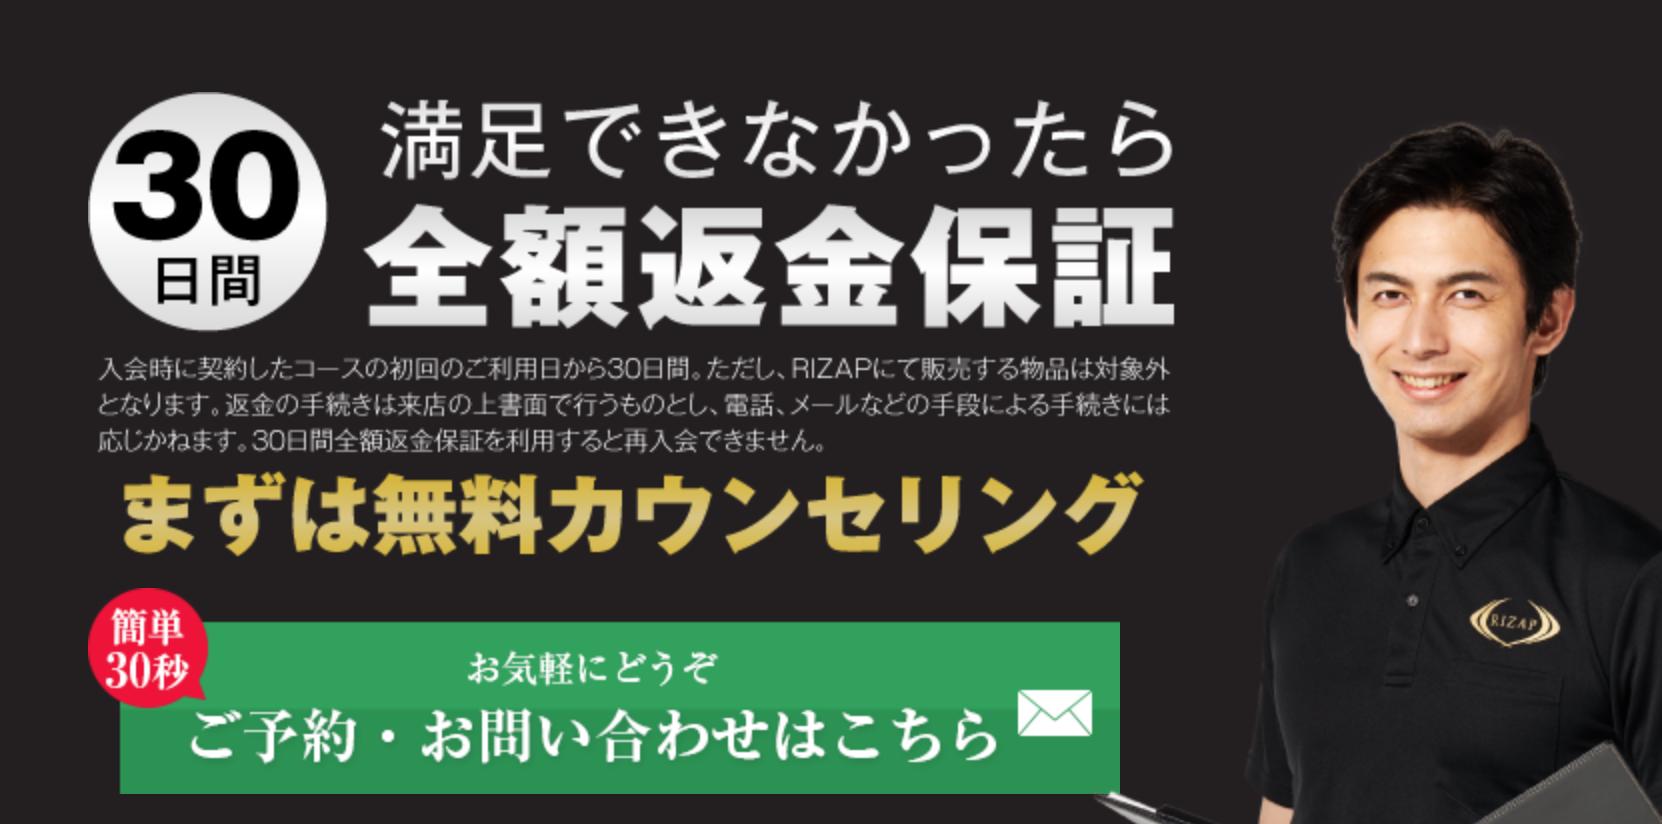 大阪府のライザップ全店舗の料金とサポート内容